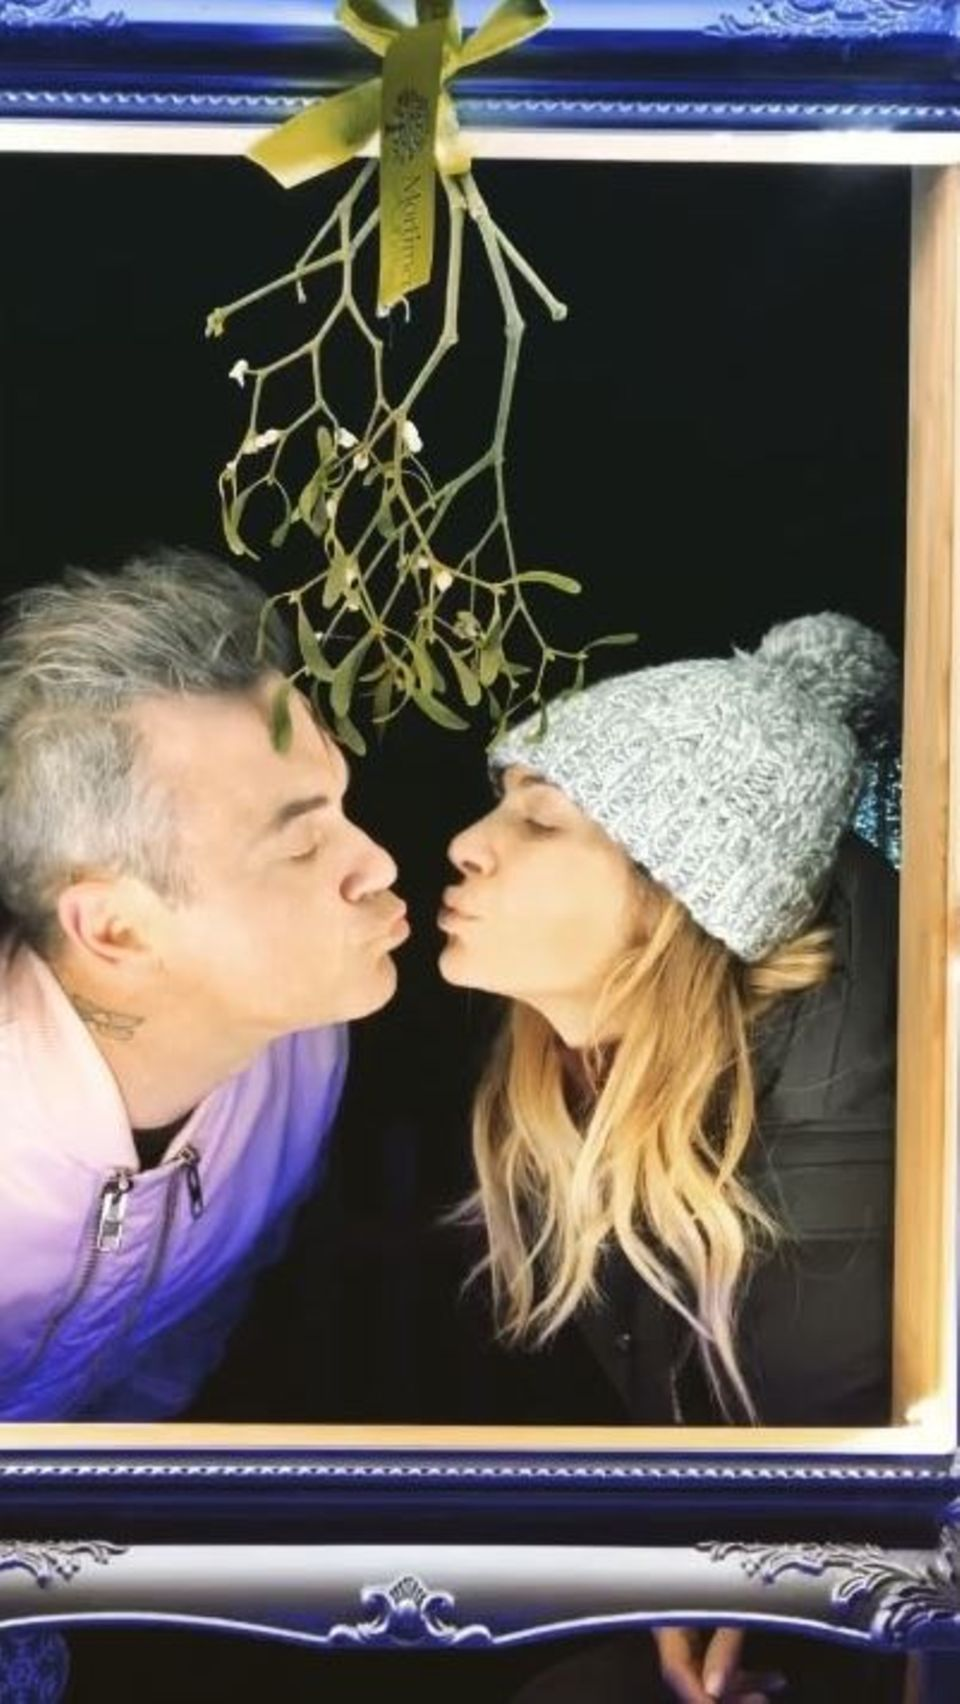 8. Dezember 2017  Robbie Williams und Ayda Field küssen sich unter dem Mistelzweig.